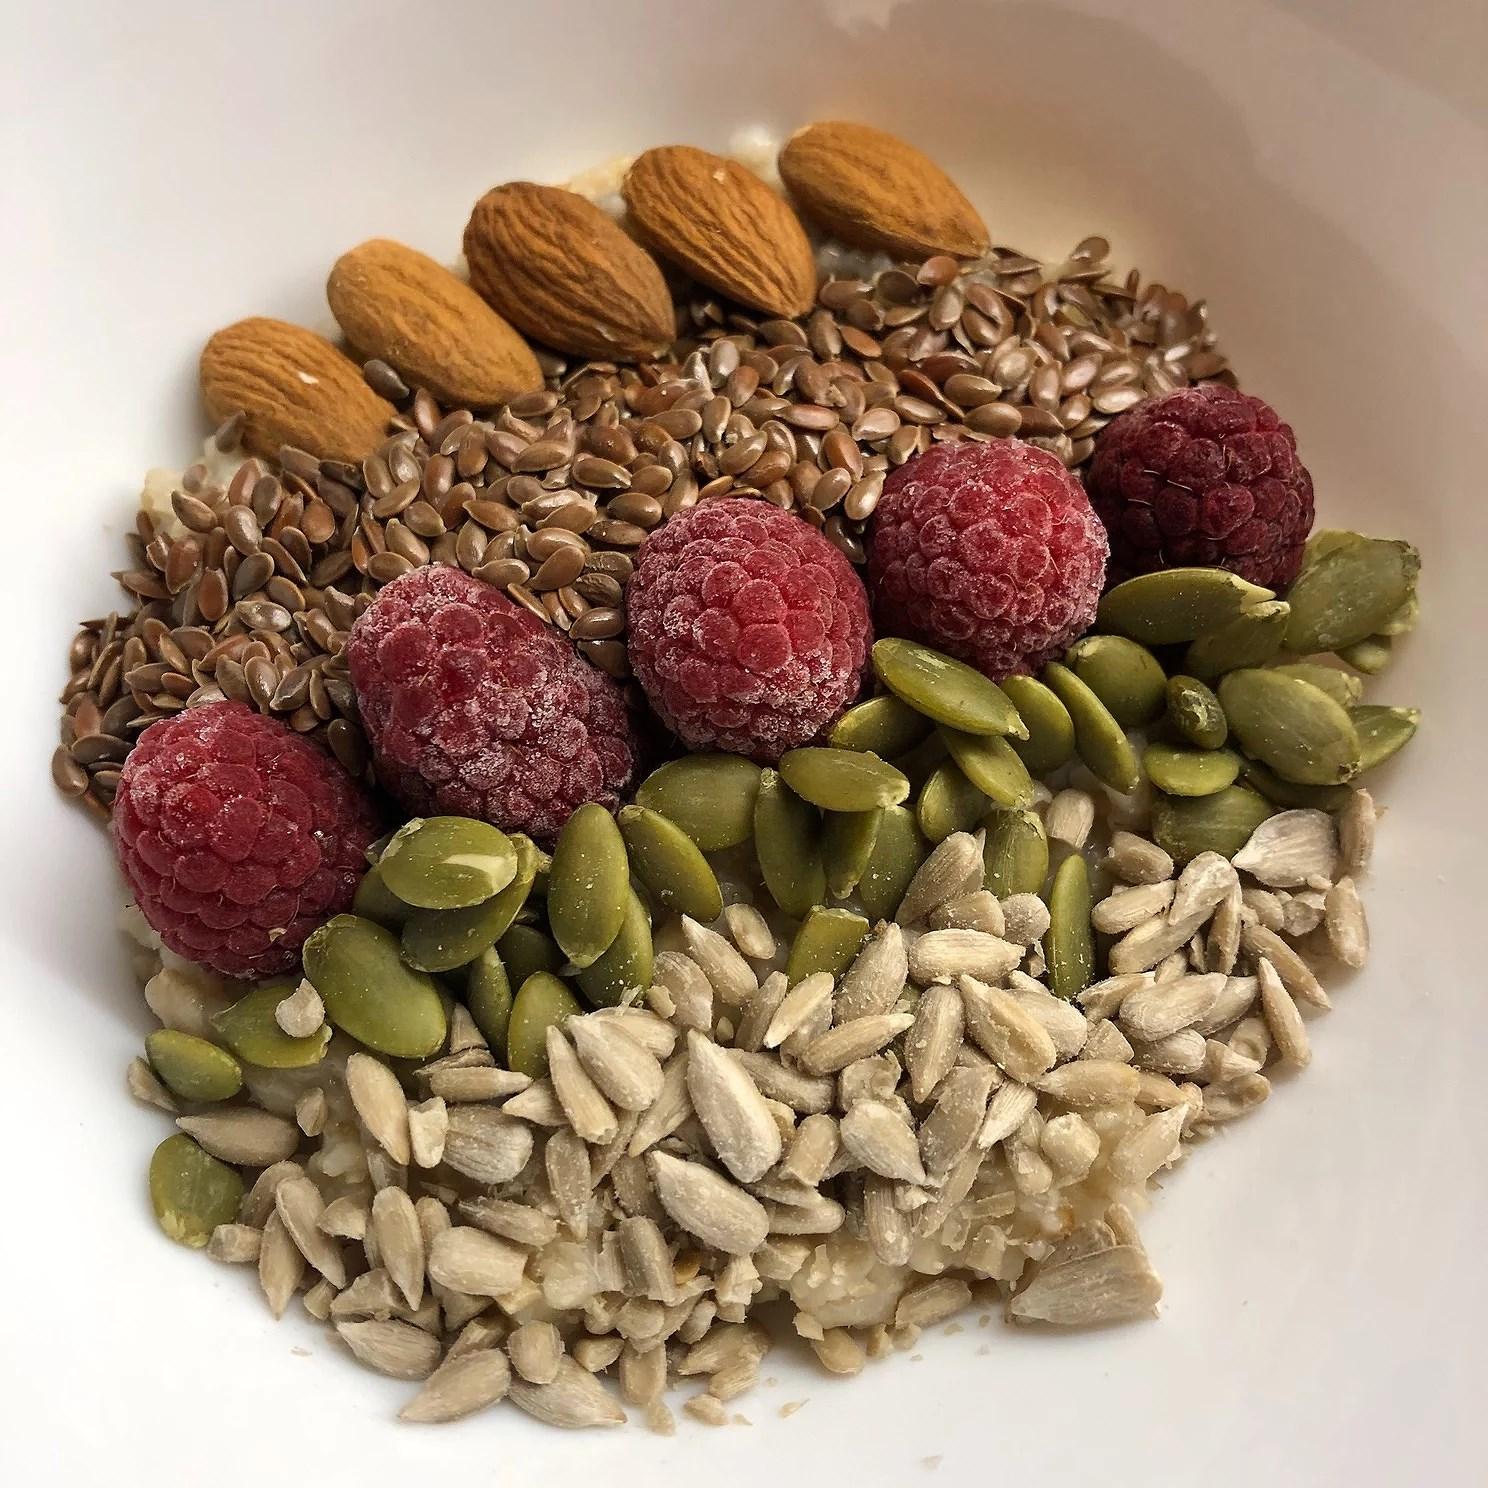 Havregrynsgröt med fröer, nötter och bär